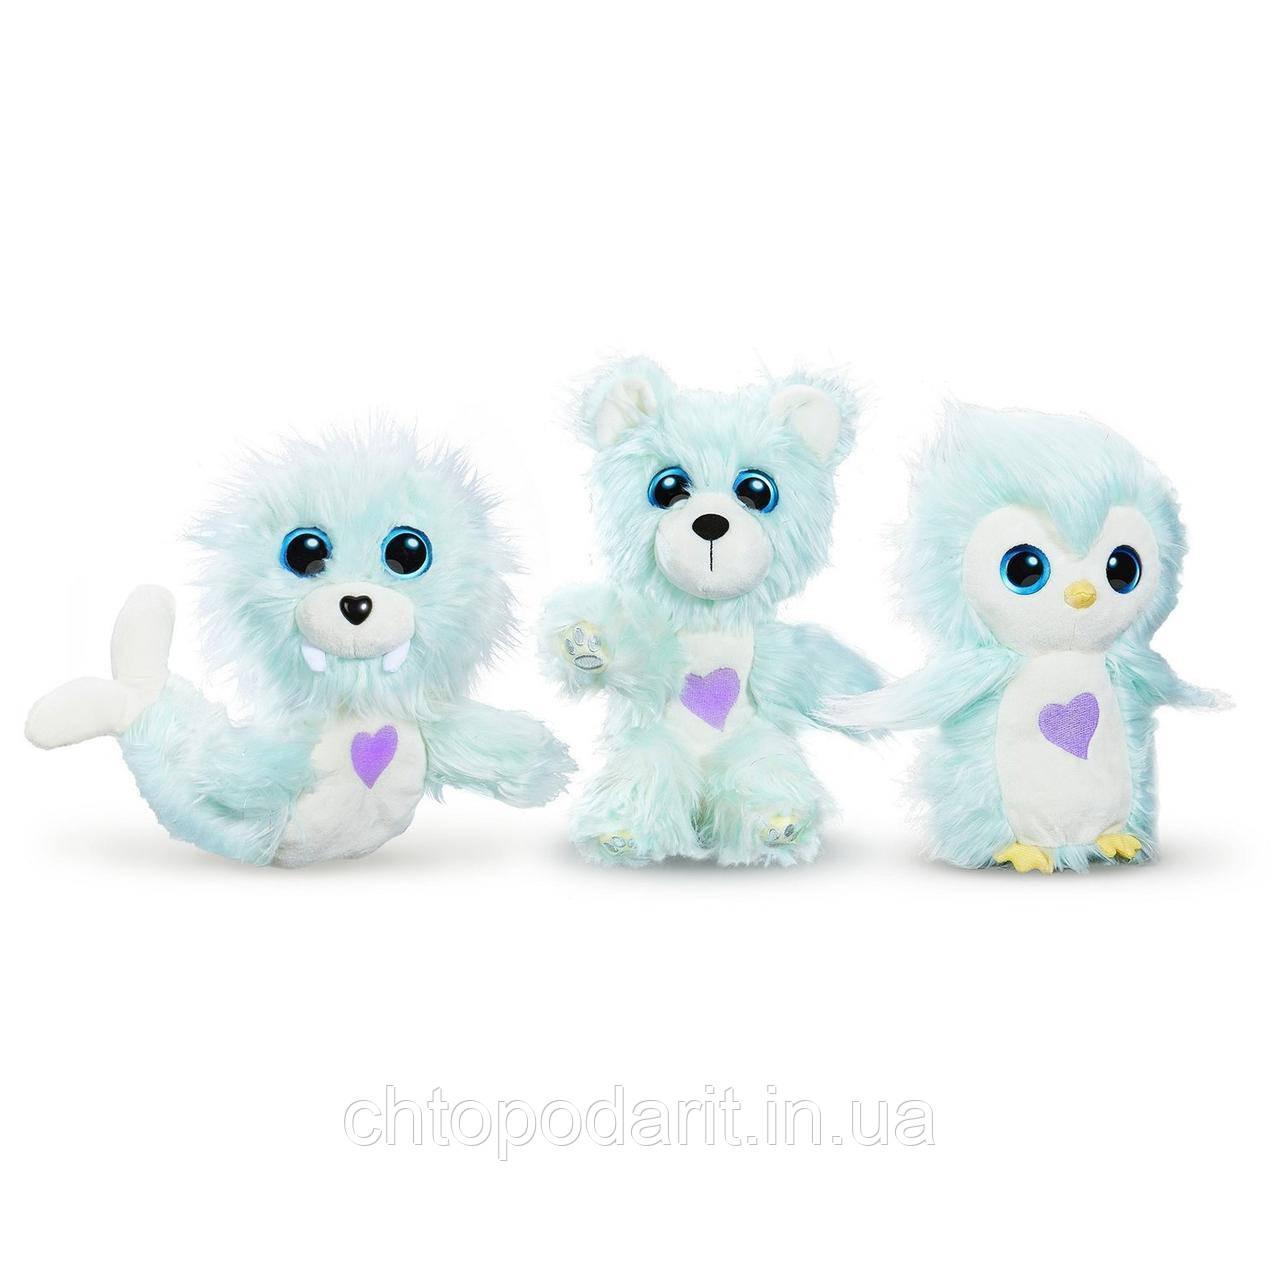 Пушистик потеряшка «Снежные друзья» игрушка сюрприз Scruff A Luvs Snow Pals Код 12-2224